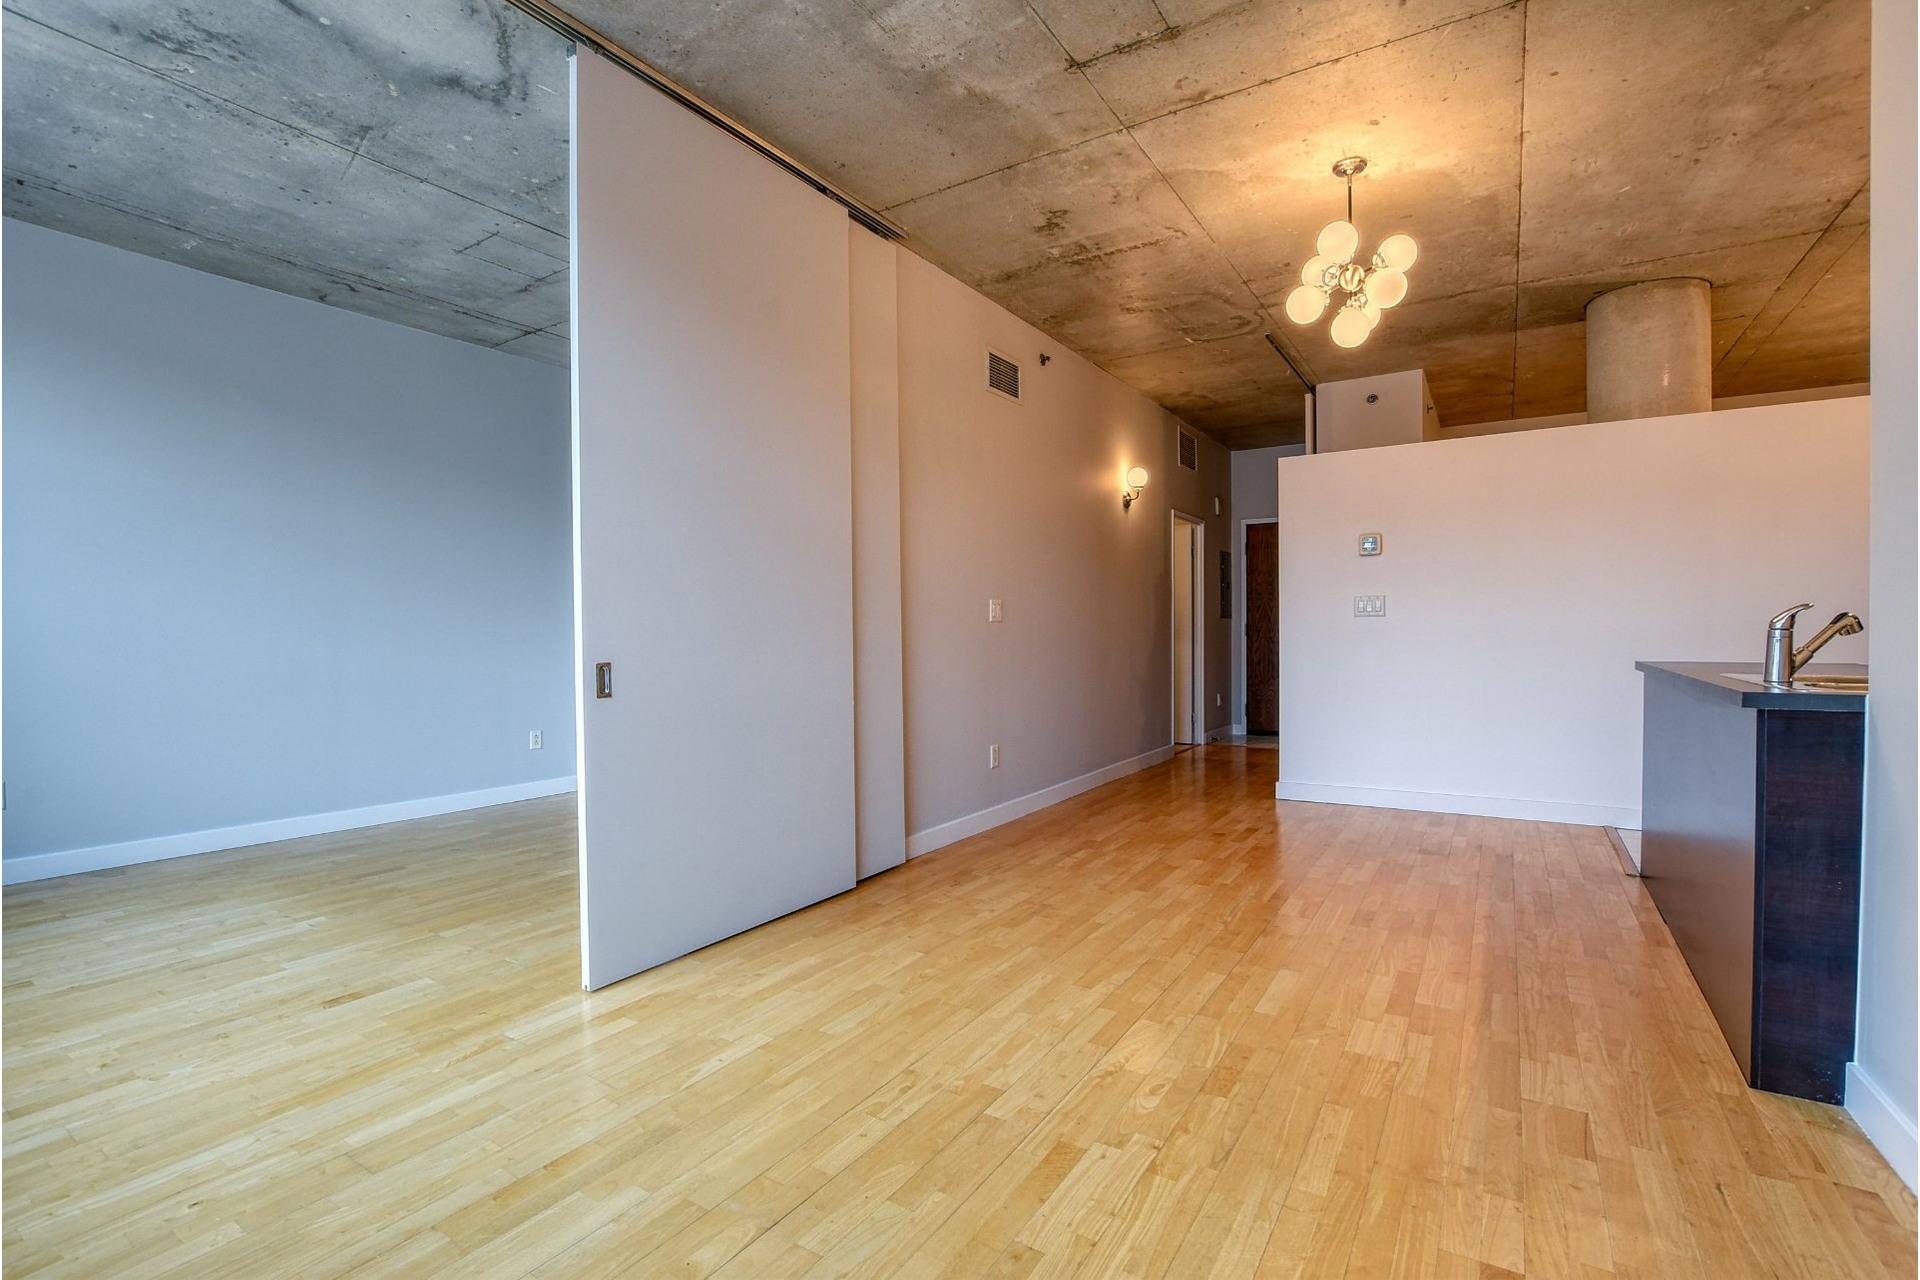 image 5 - Apartment For sale Ville-Marie Montréal  - 6 rooms